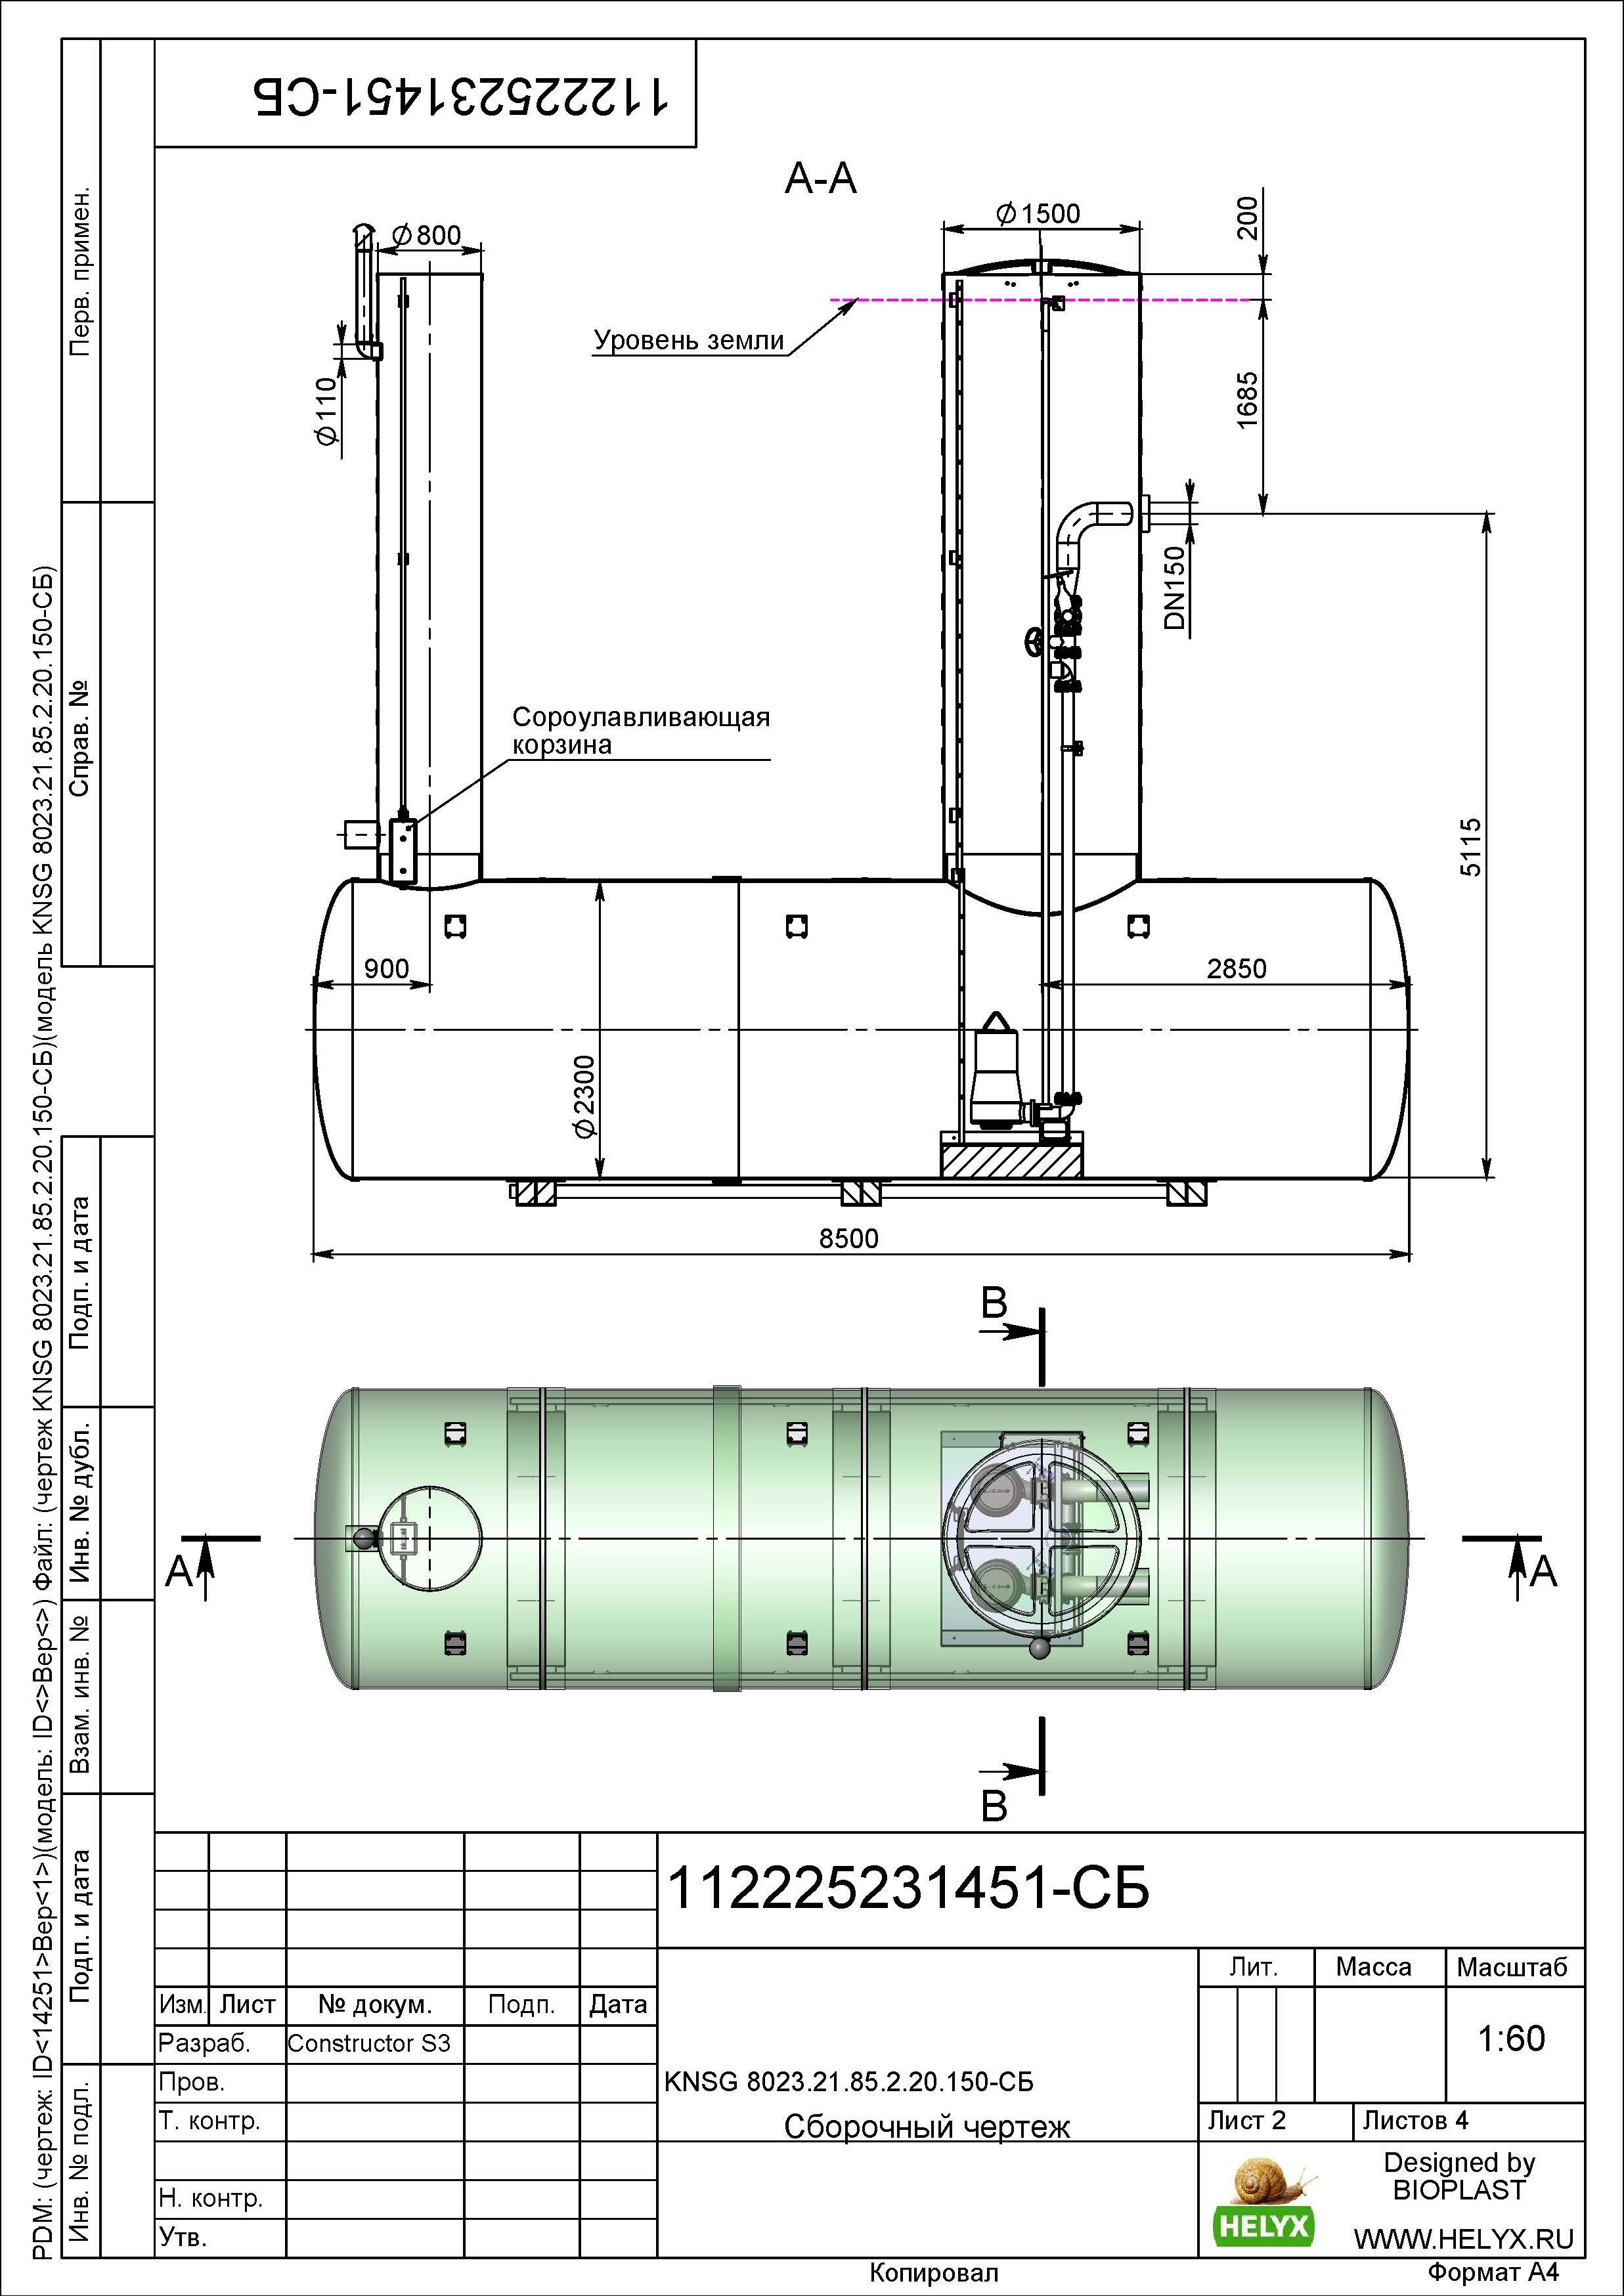 Мастика для гидроизоляции стальных труб